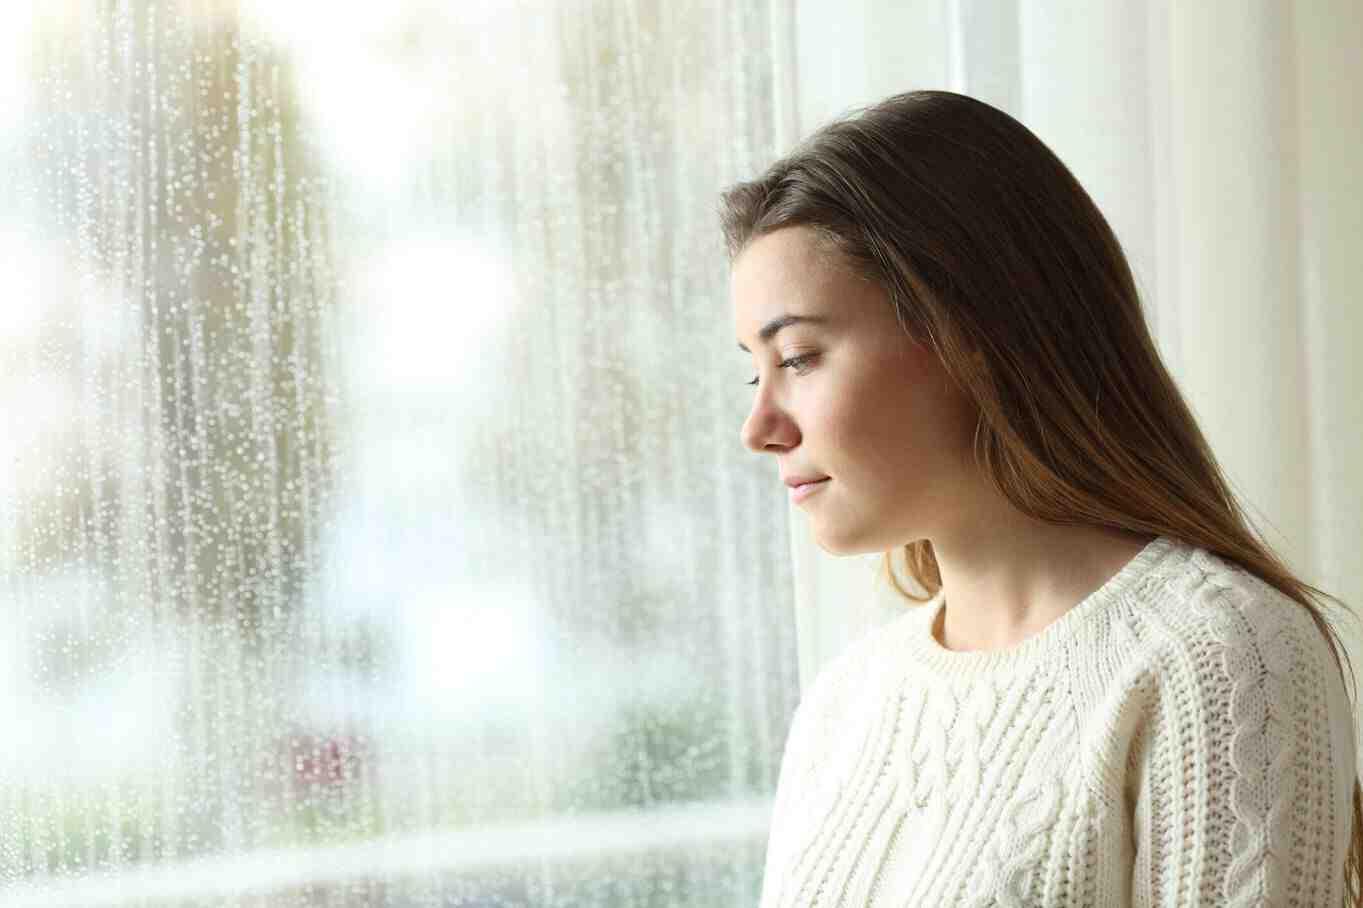 Quels sont les signes de l'angoisse ?